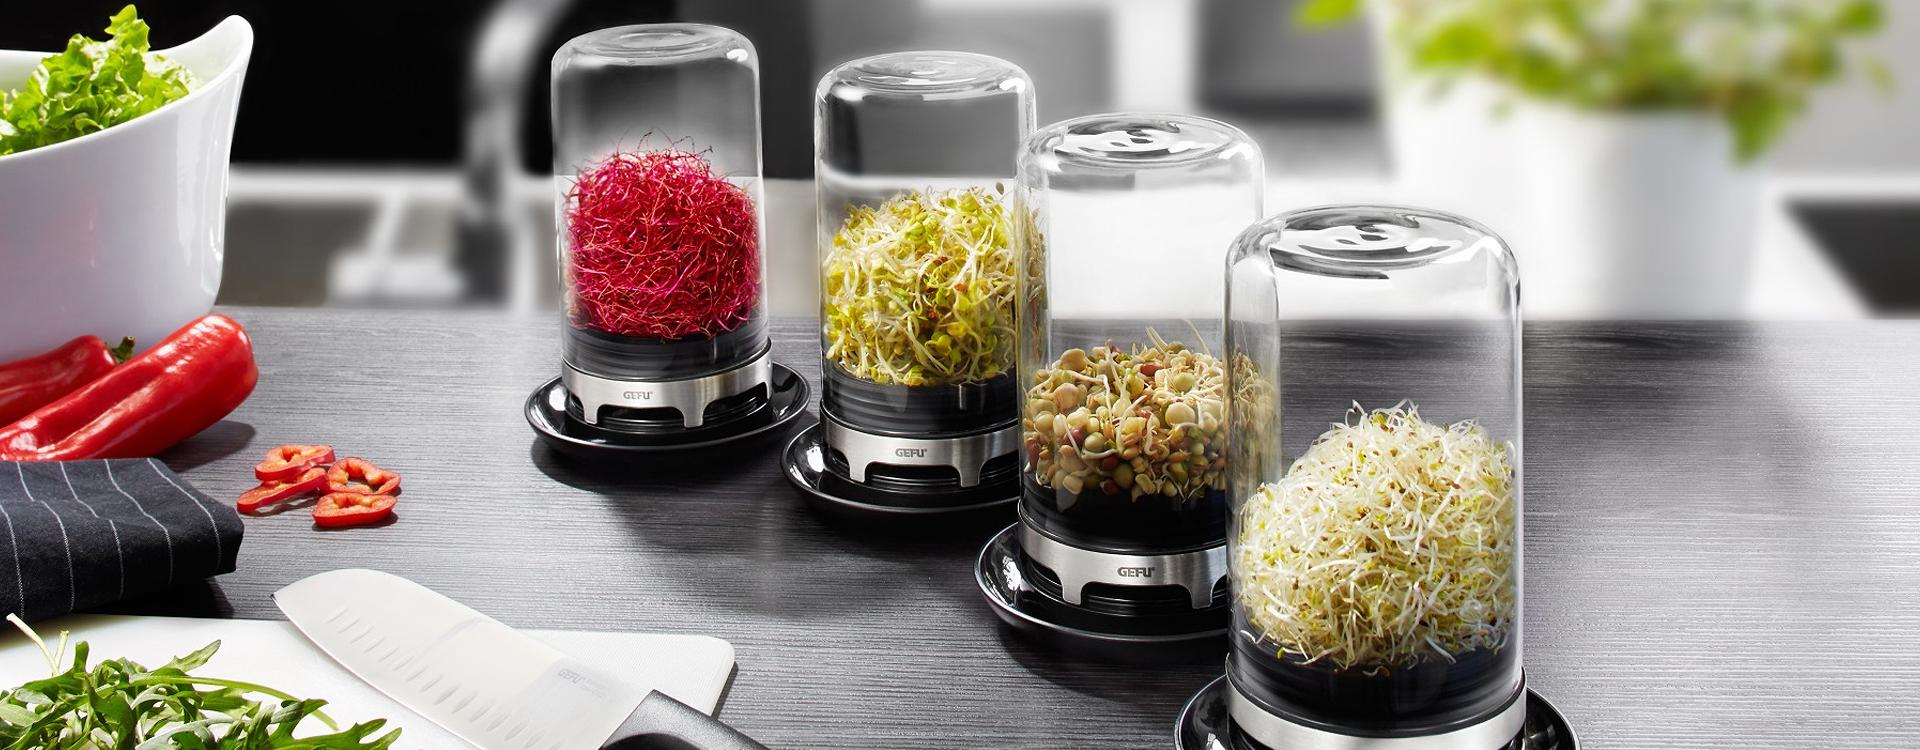 Szklarnia do kiełków do kuchni - dlaczego warto jeść kiełki?